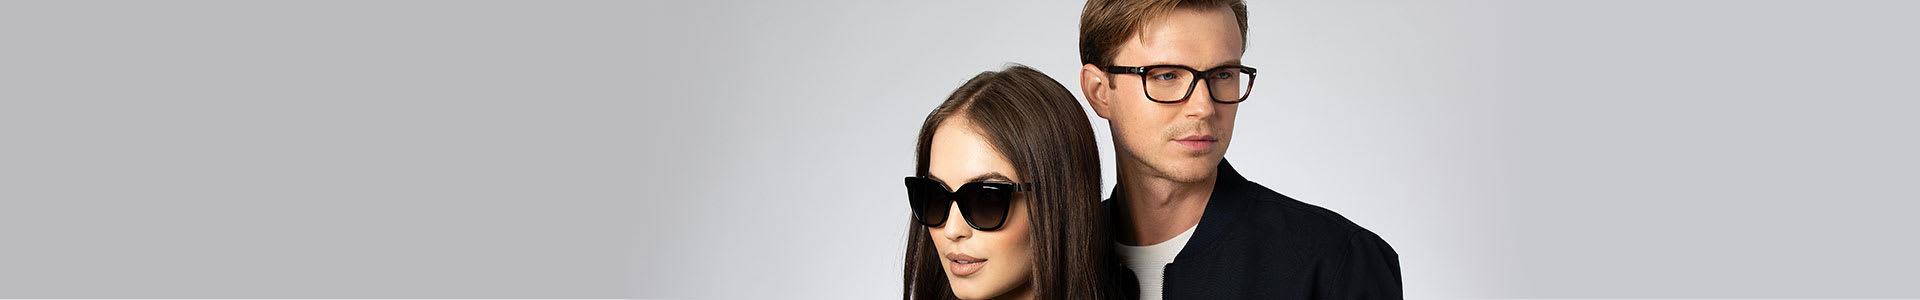 The Latest Eyewear Styles for Men & Women